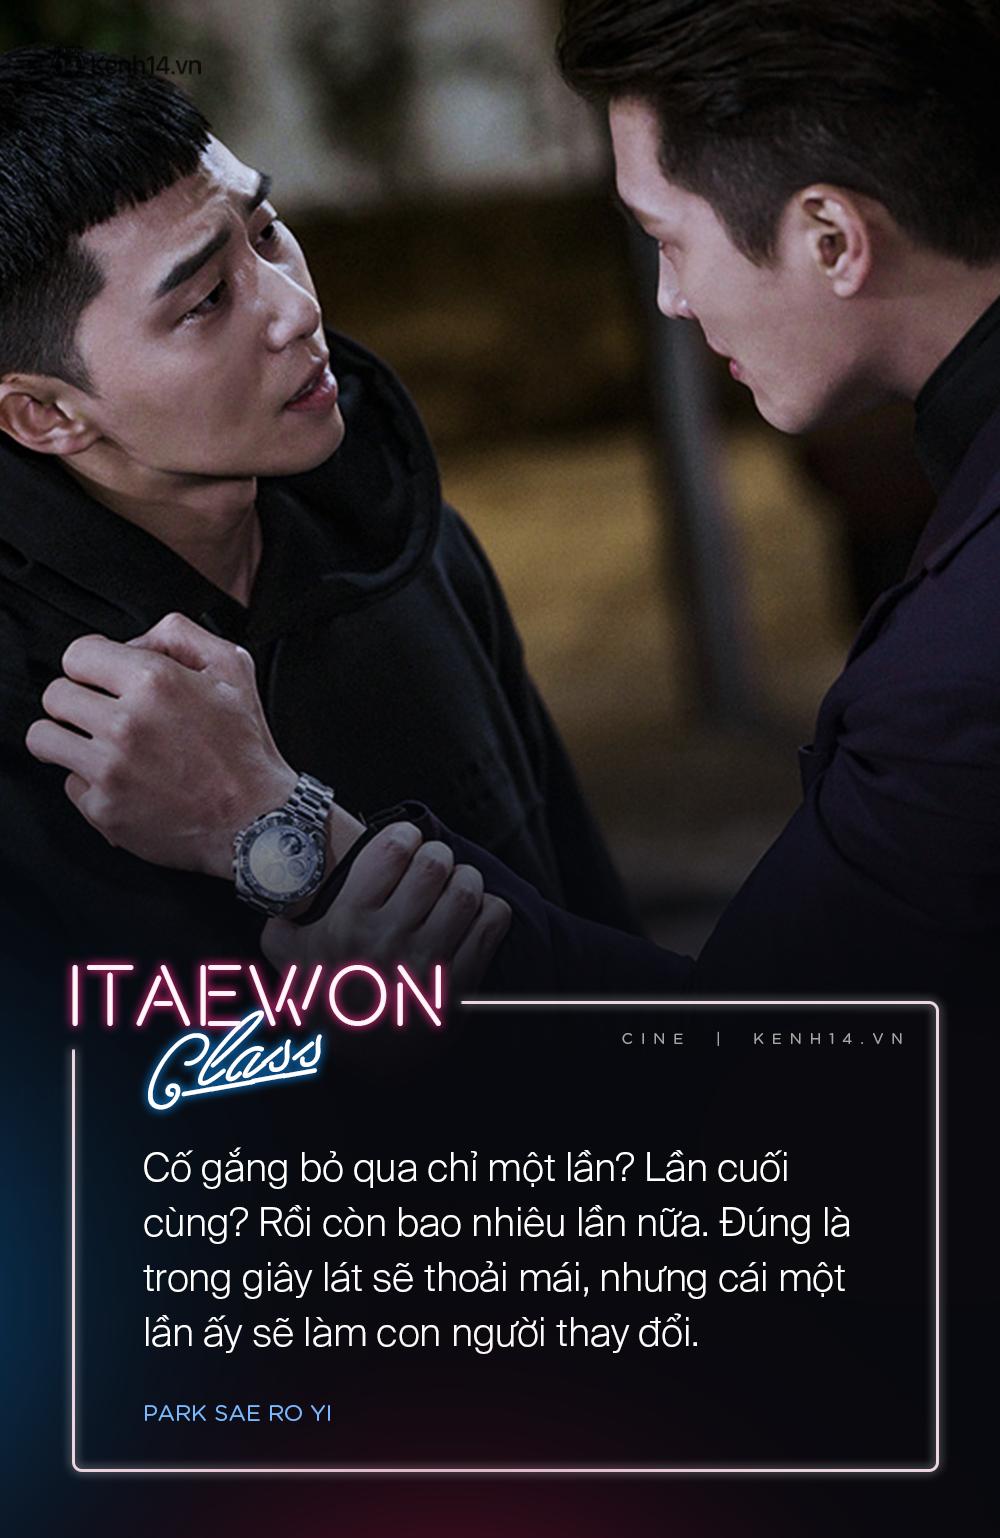 Ám ảnh với 10 câu thoại phản ánh xã hội bất công ở Tầng Lớp Itaewon: Mạng của bố tôi… được tính bằng tiền sao? - Ảnh 10.